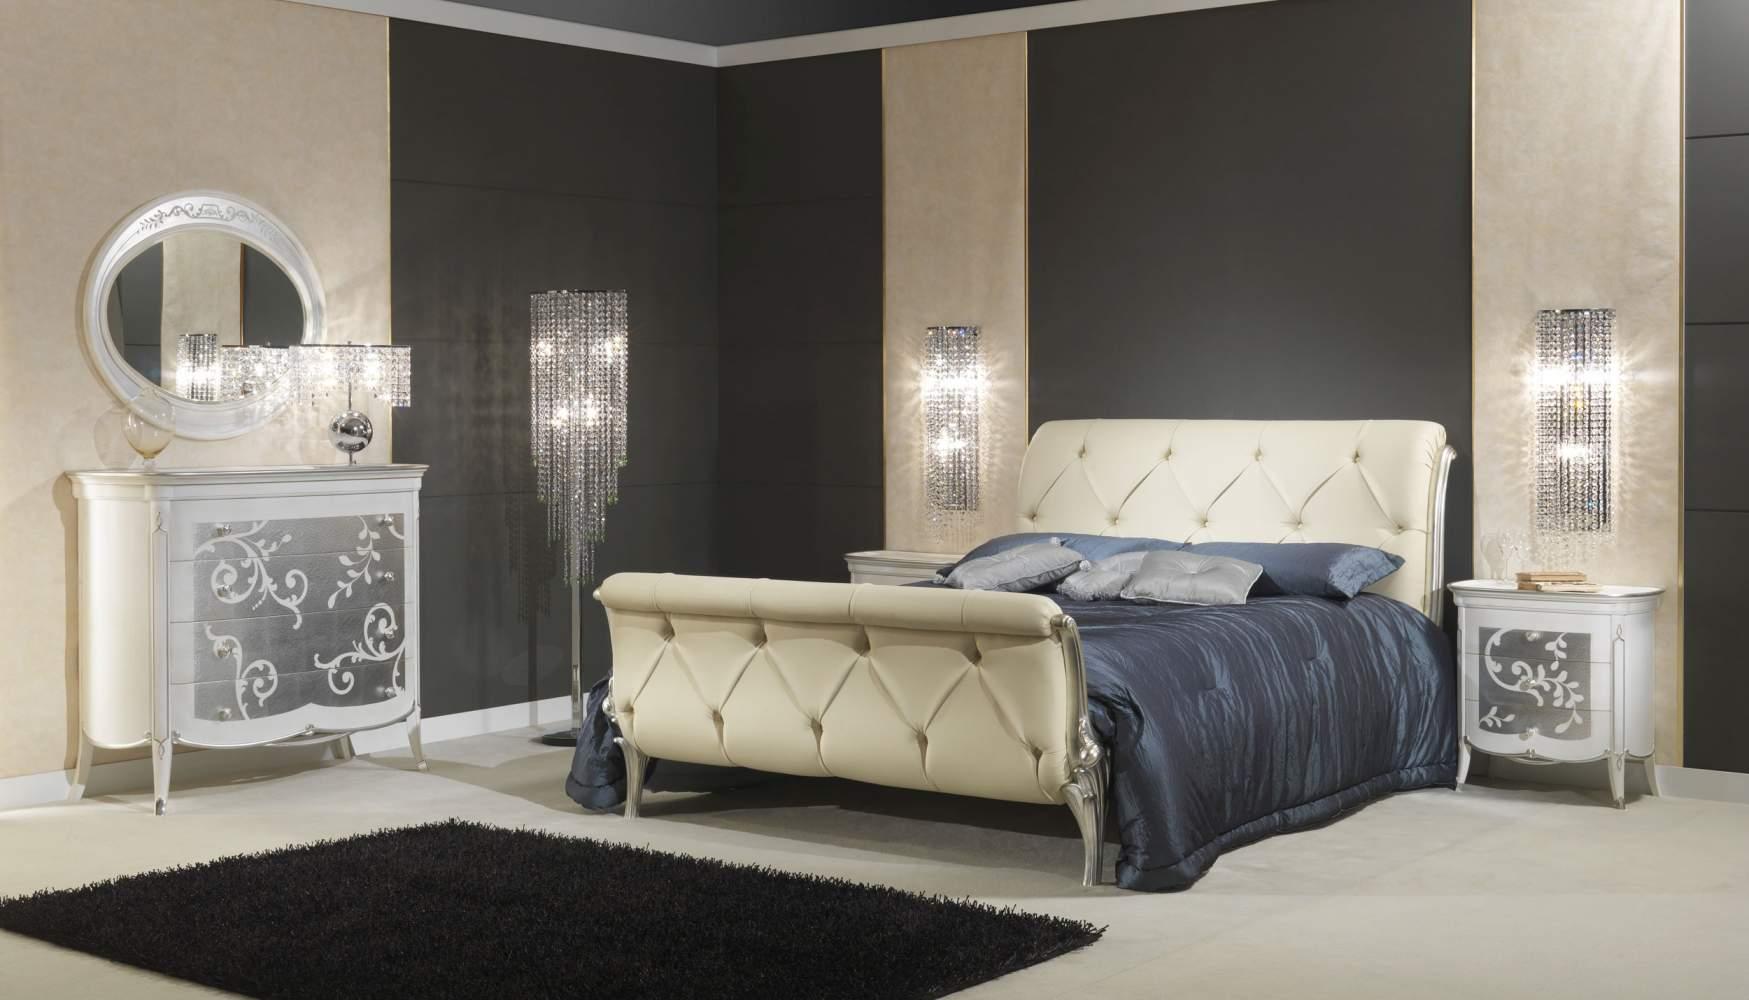 Camere Da Letto Art Deco : Camera da letto in stile decò made in italy vimercati meda